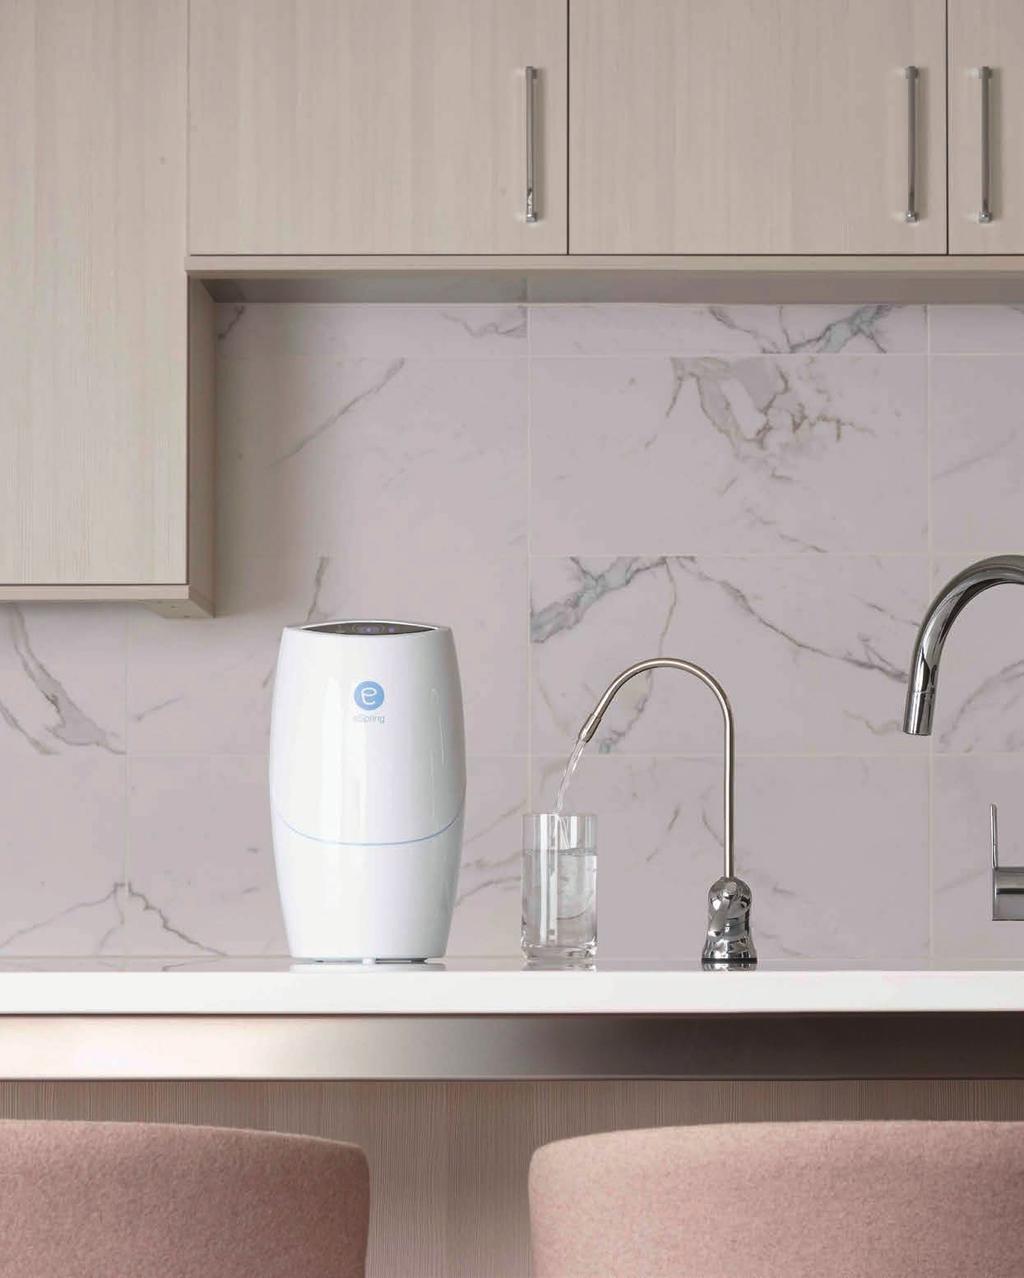 Sauberes Wasser Ist Ein Geschenk - Pdf